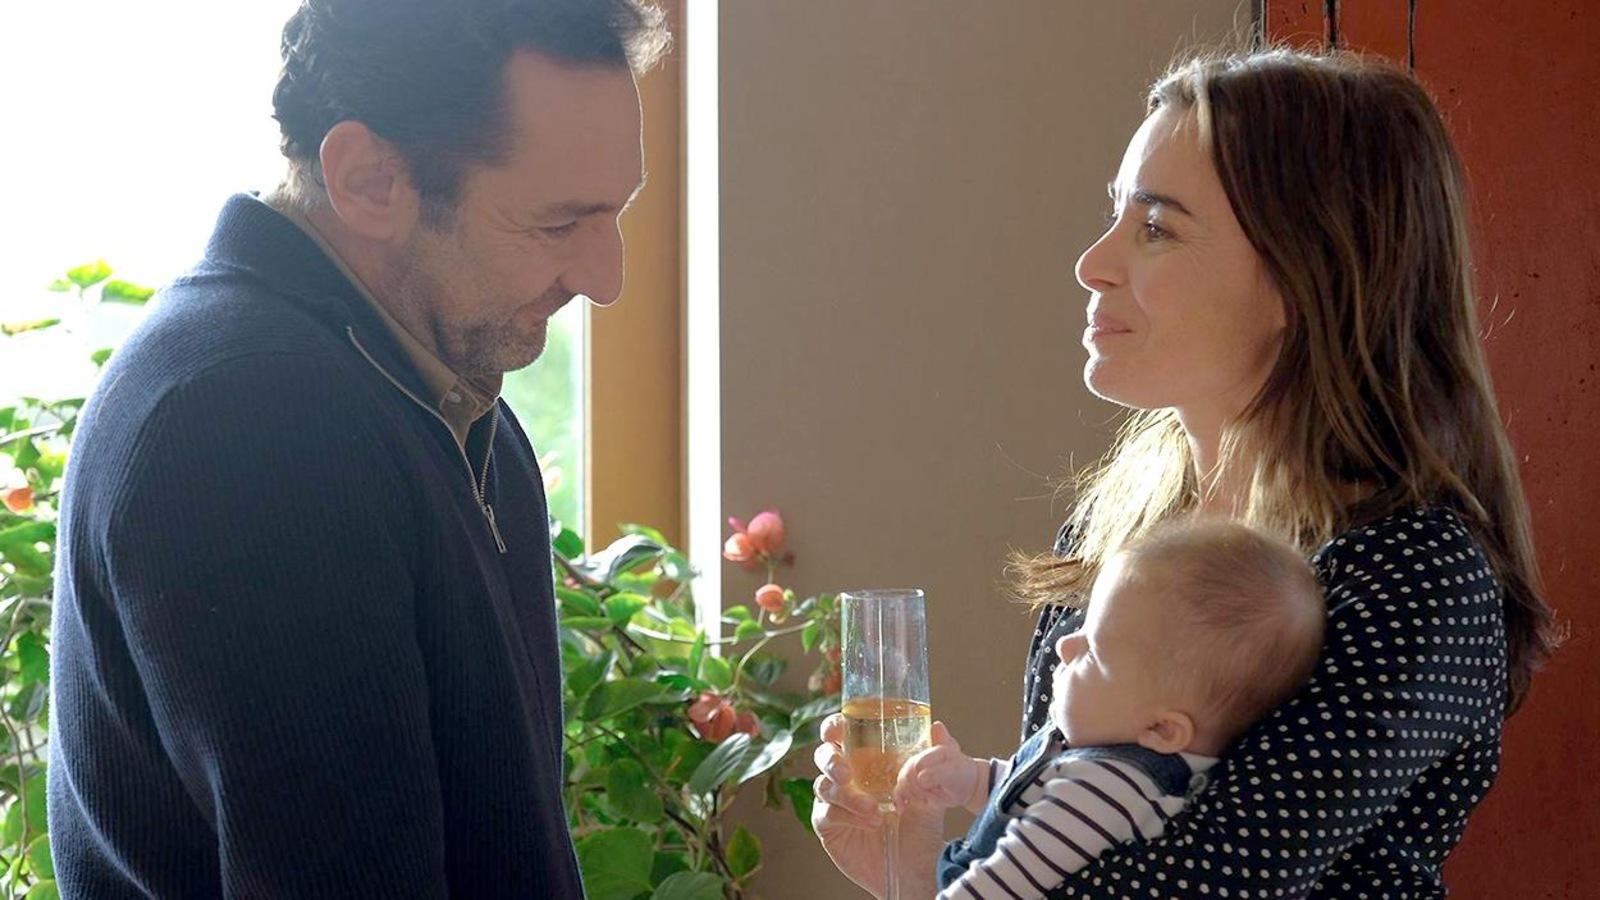 Un homme regarde une femme qui tient un bébé dans ses bras.